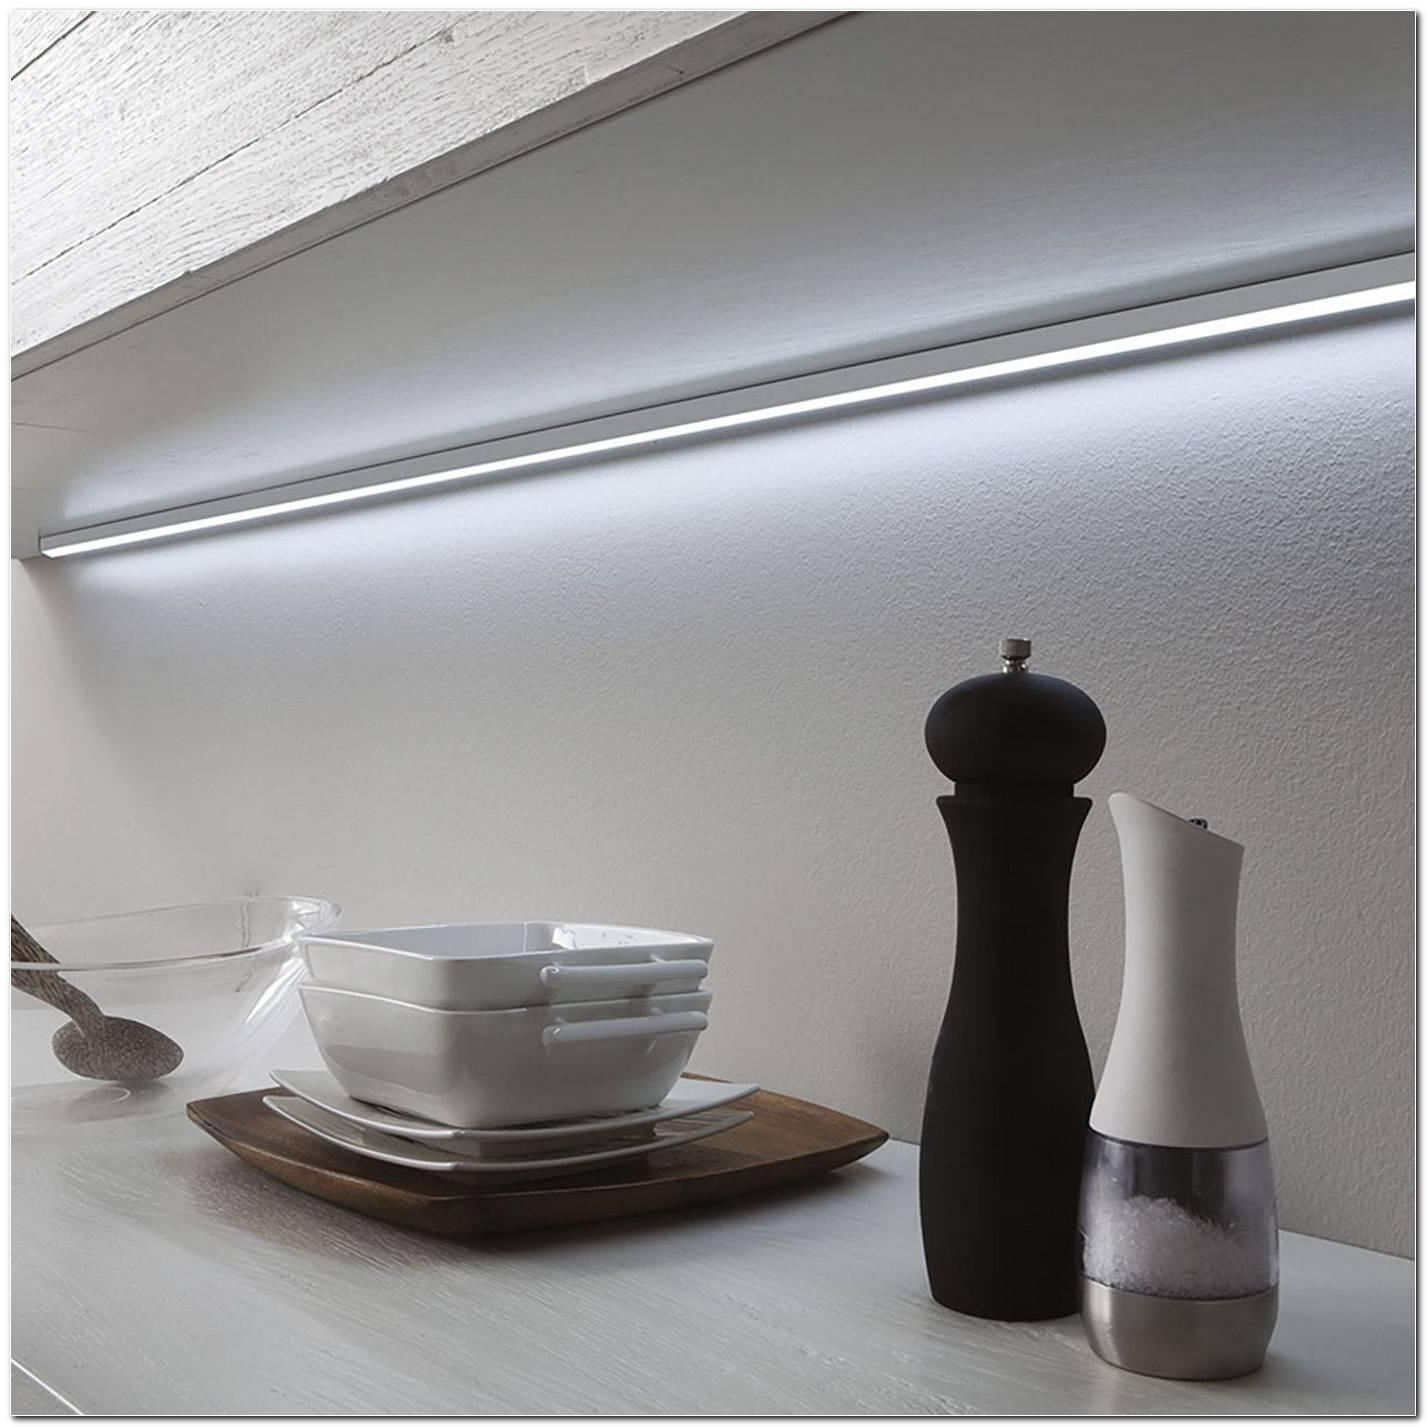 Luminaria De Led Para Cozinha